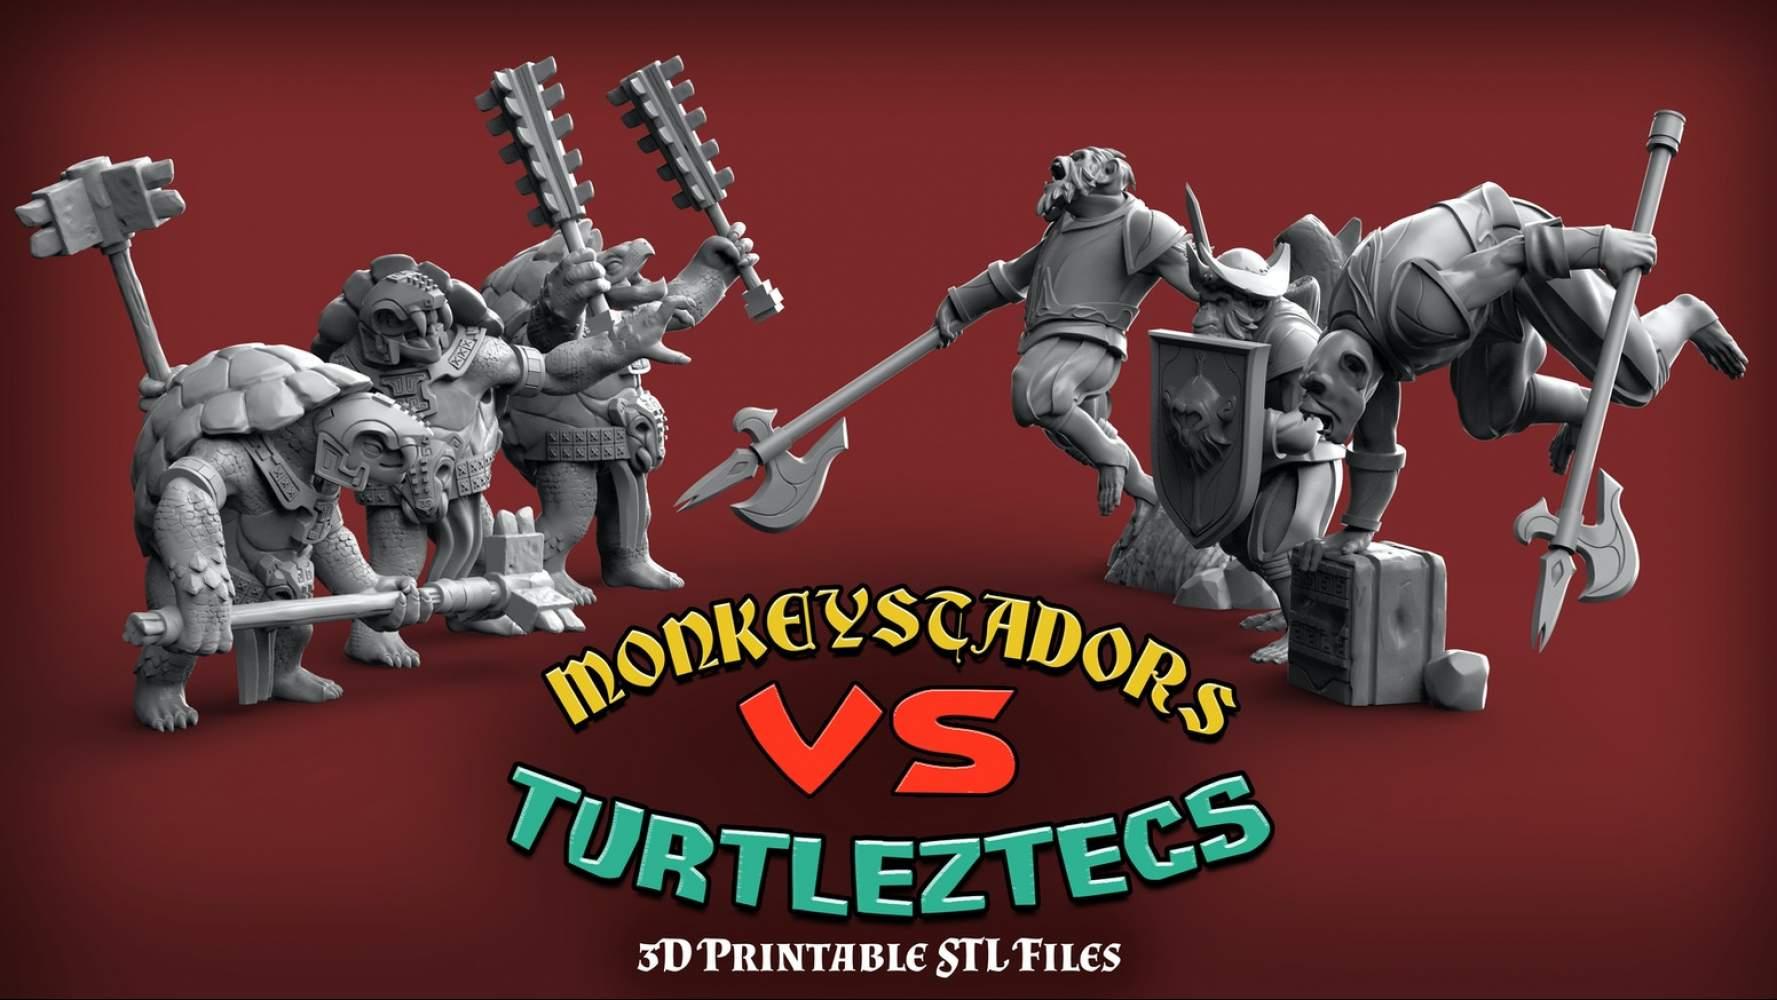 Monkeystadors vs Turtleztecs